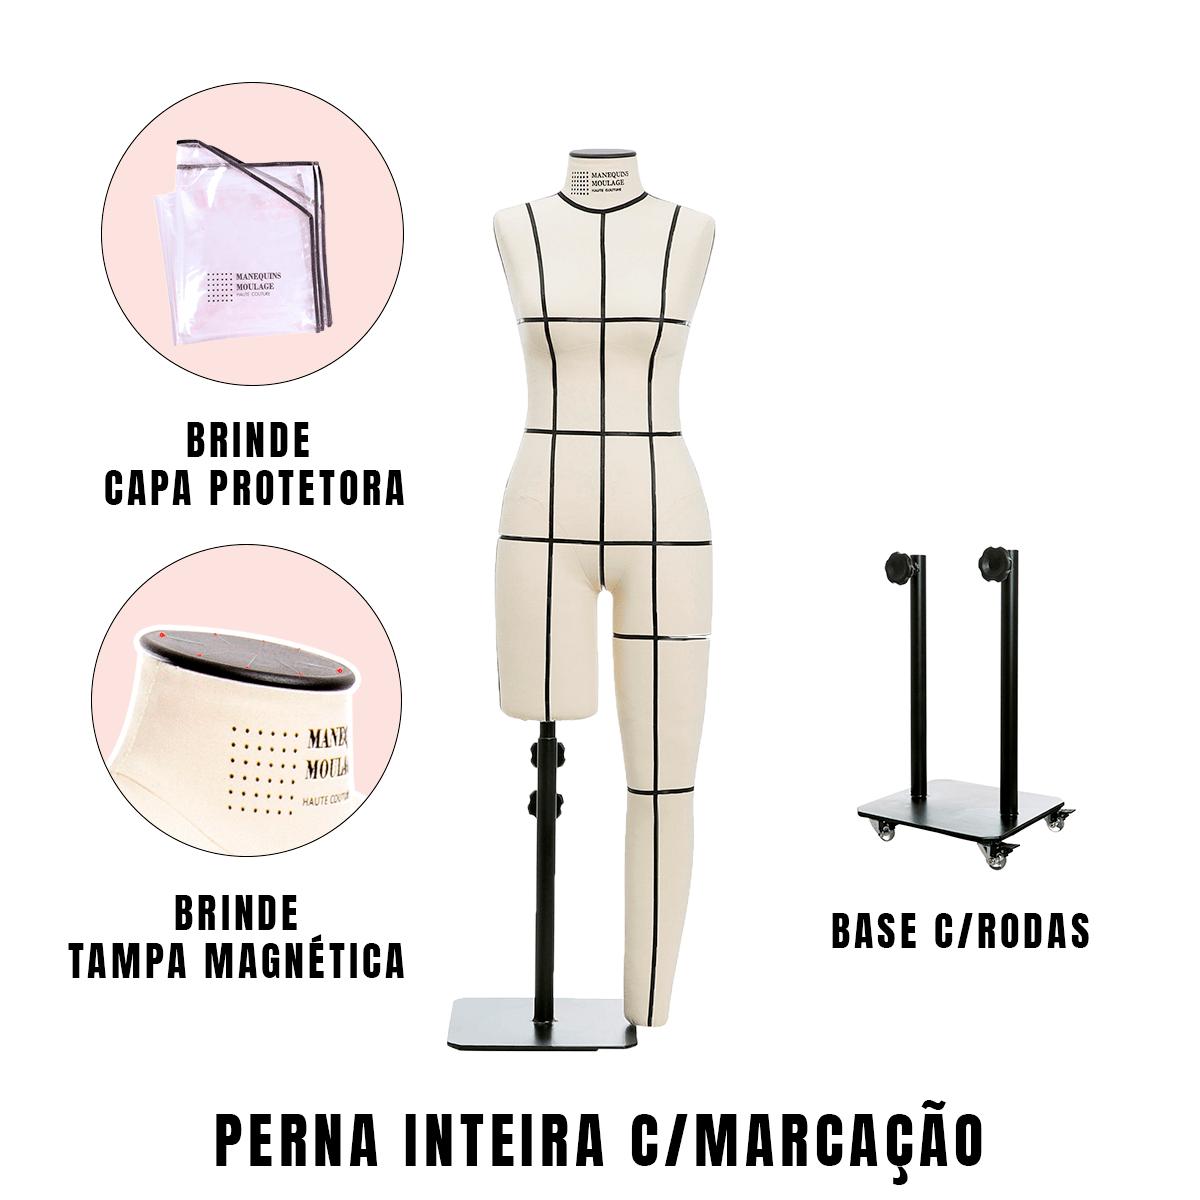 Manequim Feminino Perna Inteira Tamanho 38 com Rodas e Marcação - SOB ENCOMENDA